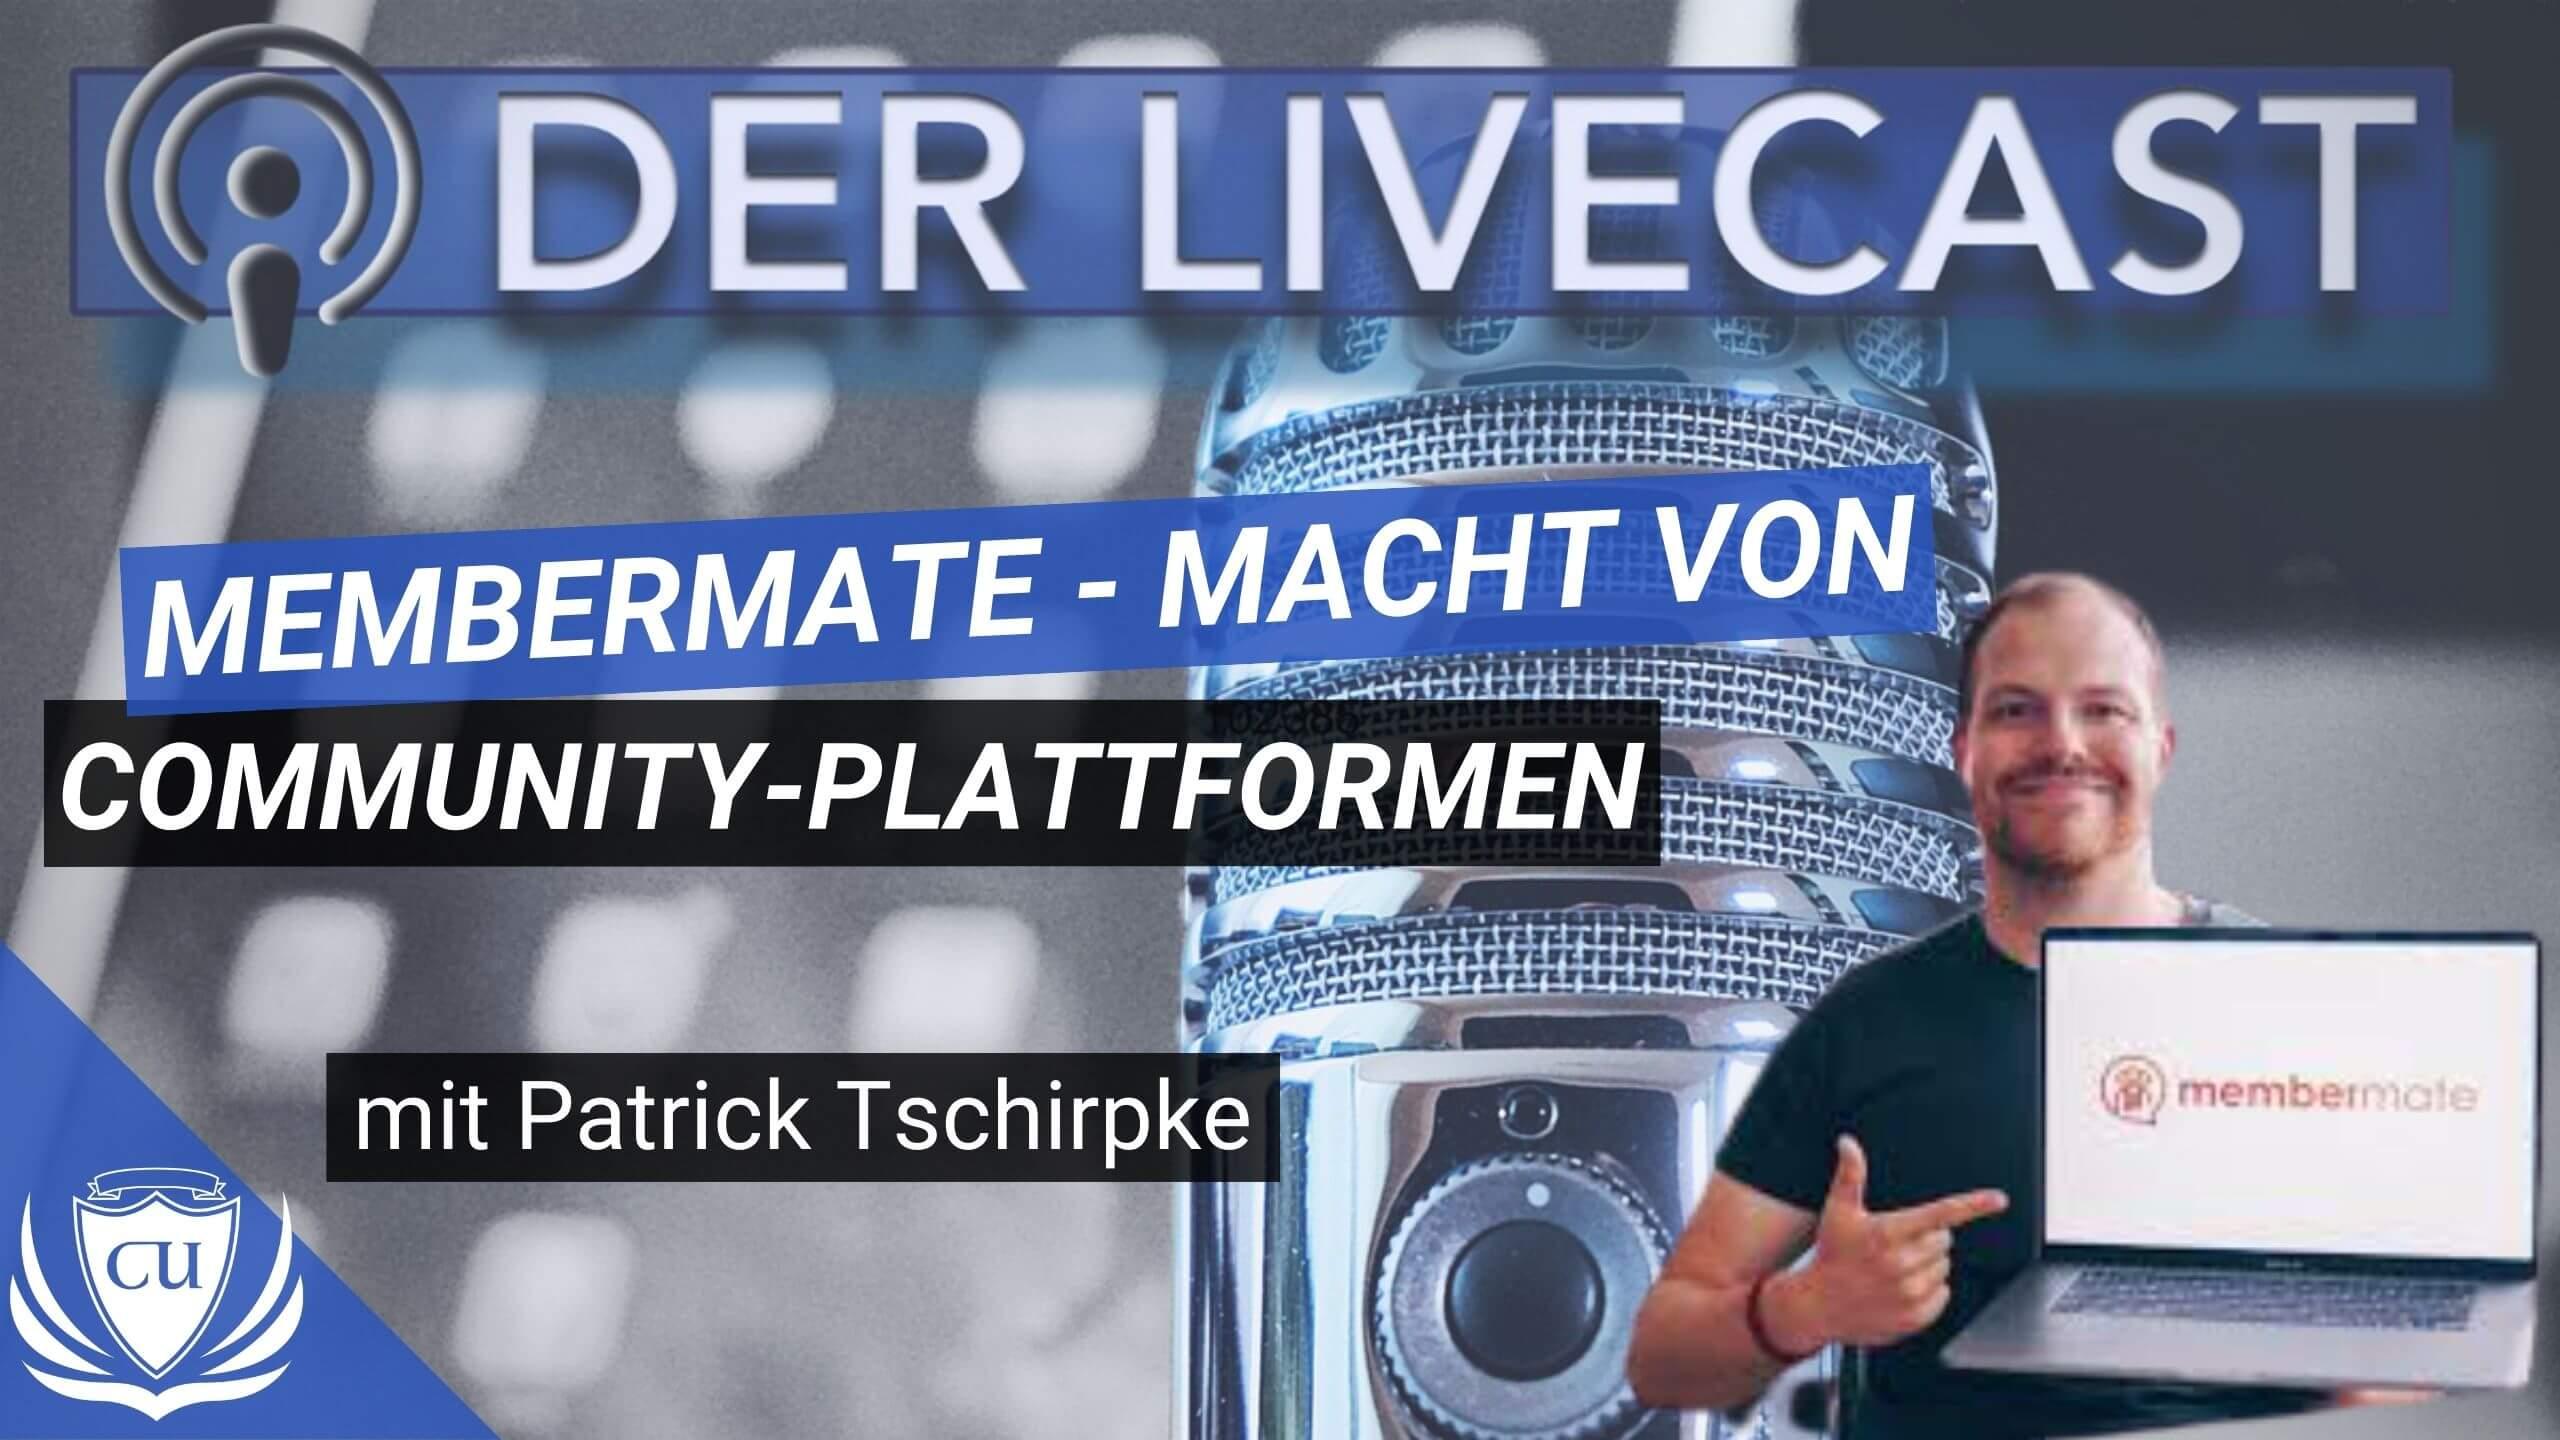 Community-Mitgliederbereiche wie Torben Platzer & Laura Seiler - Mit Membermate von Patrick Tschirpke Gutschein Rabattcode